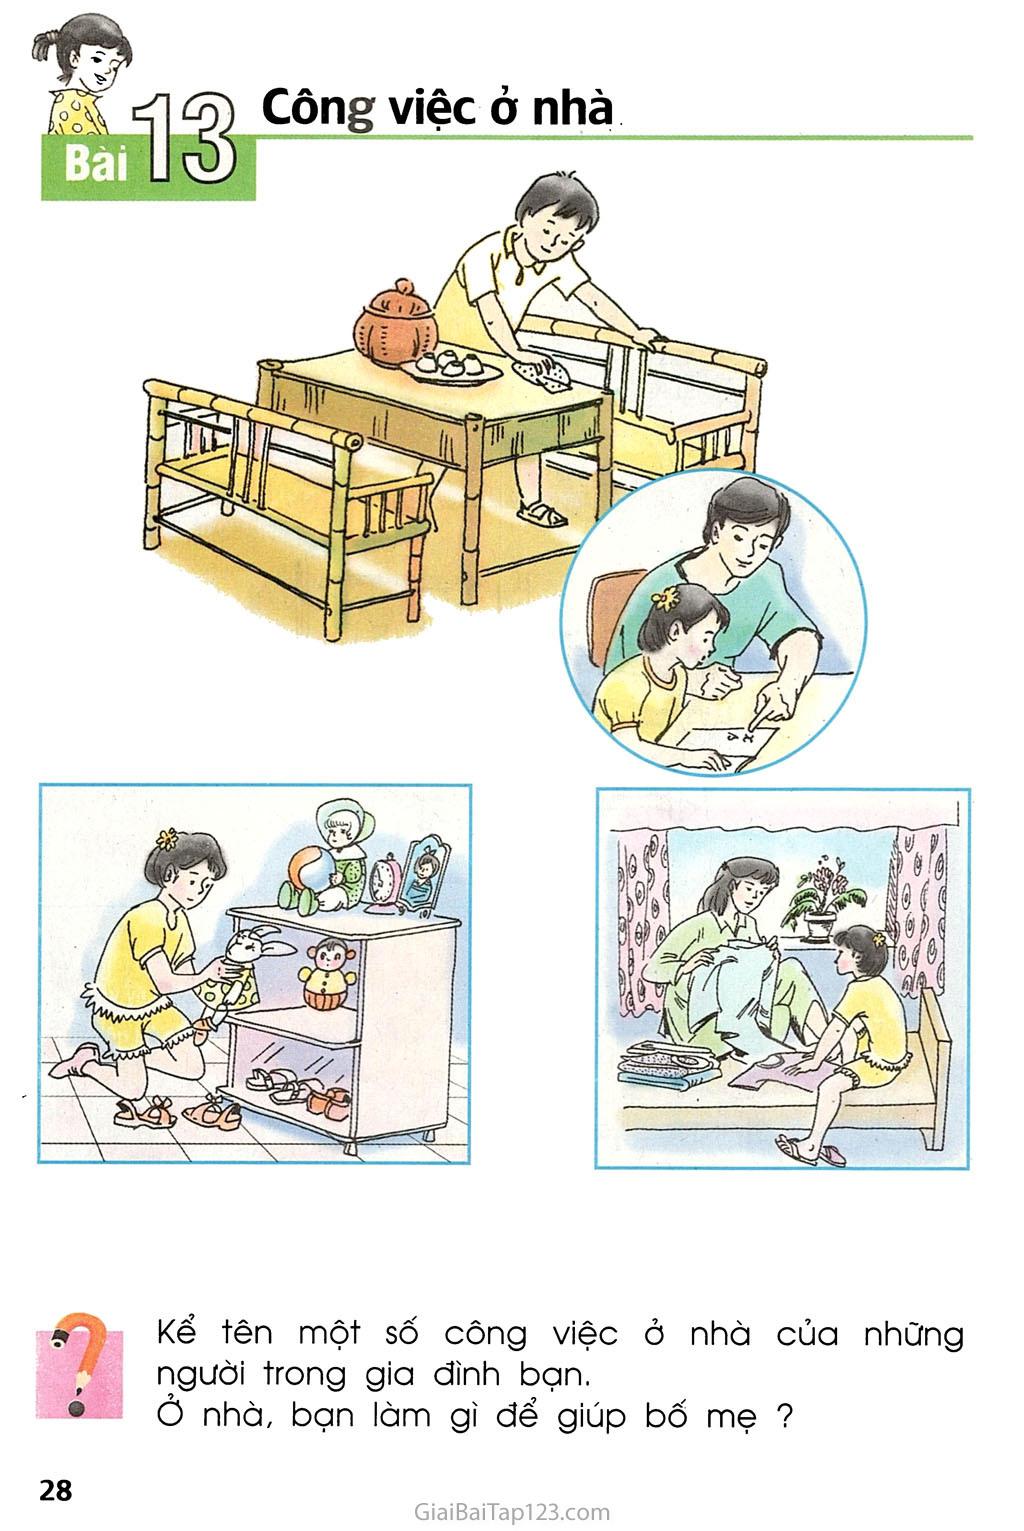 Bài 13. Công việc ở nhà trang 1